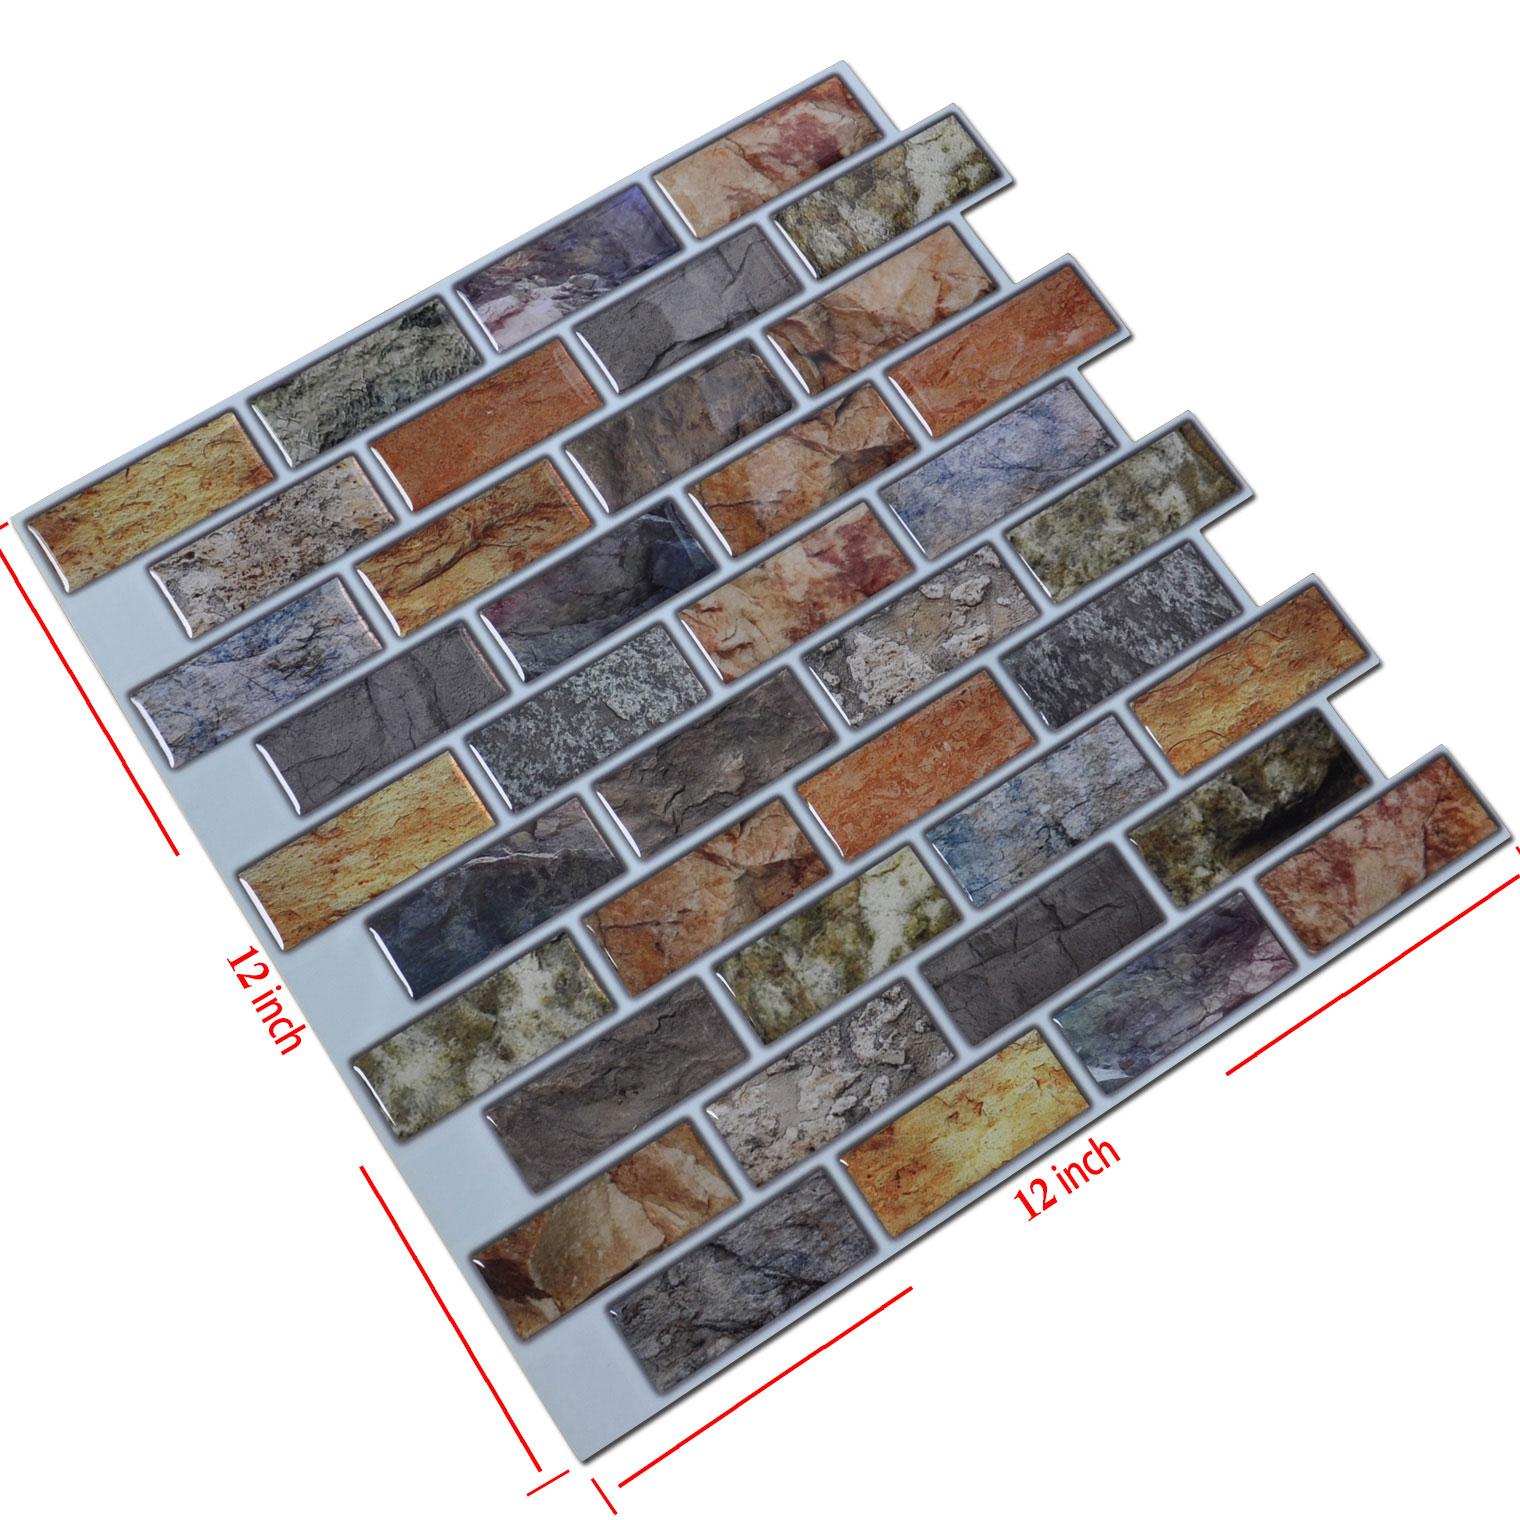 Art3d 12 Quot X 12 Quot Peel And Stick Backsplash Tiles For